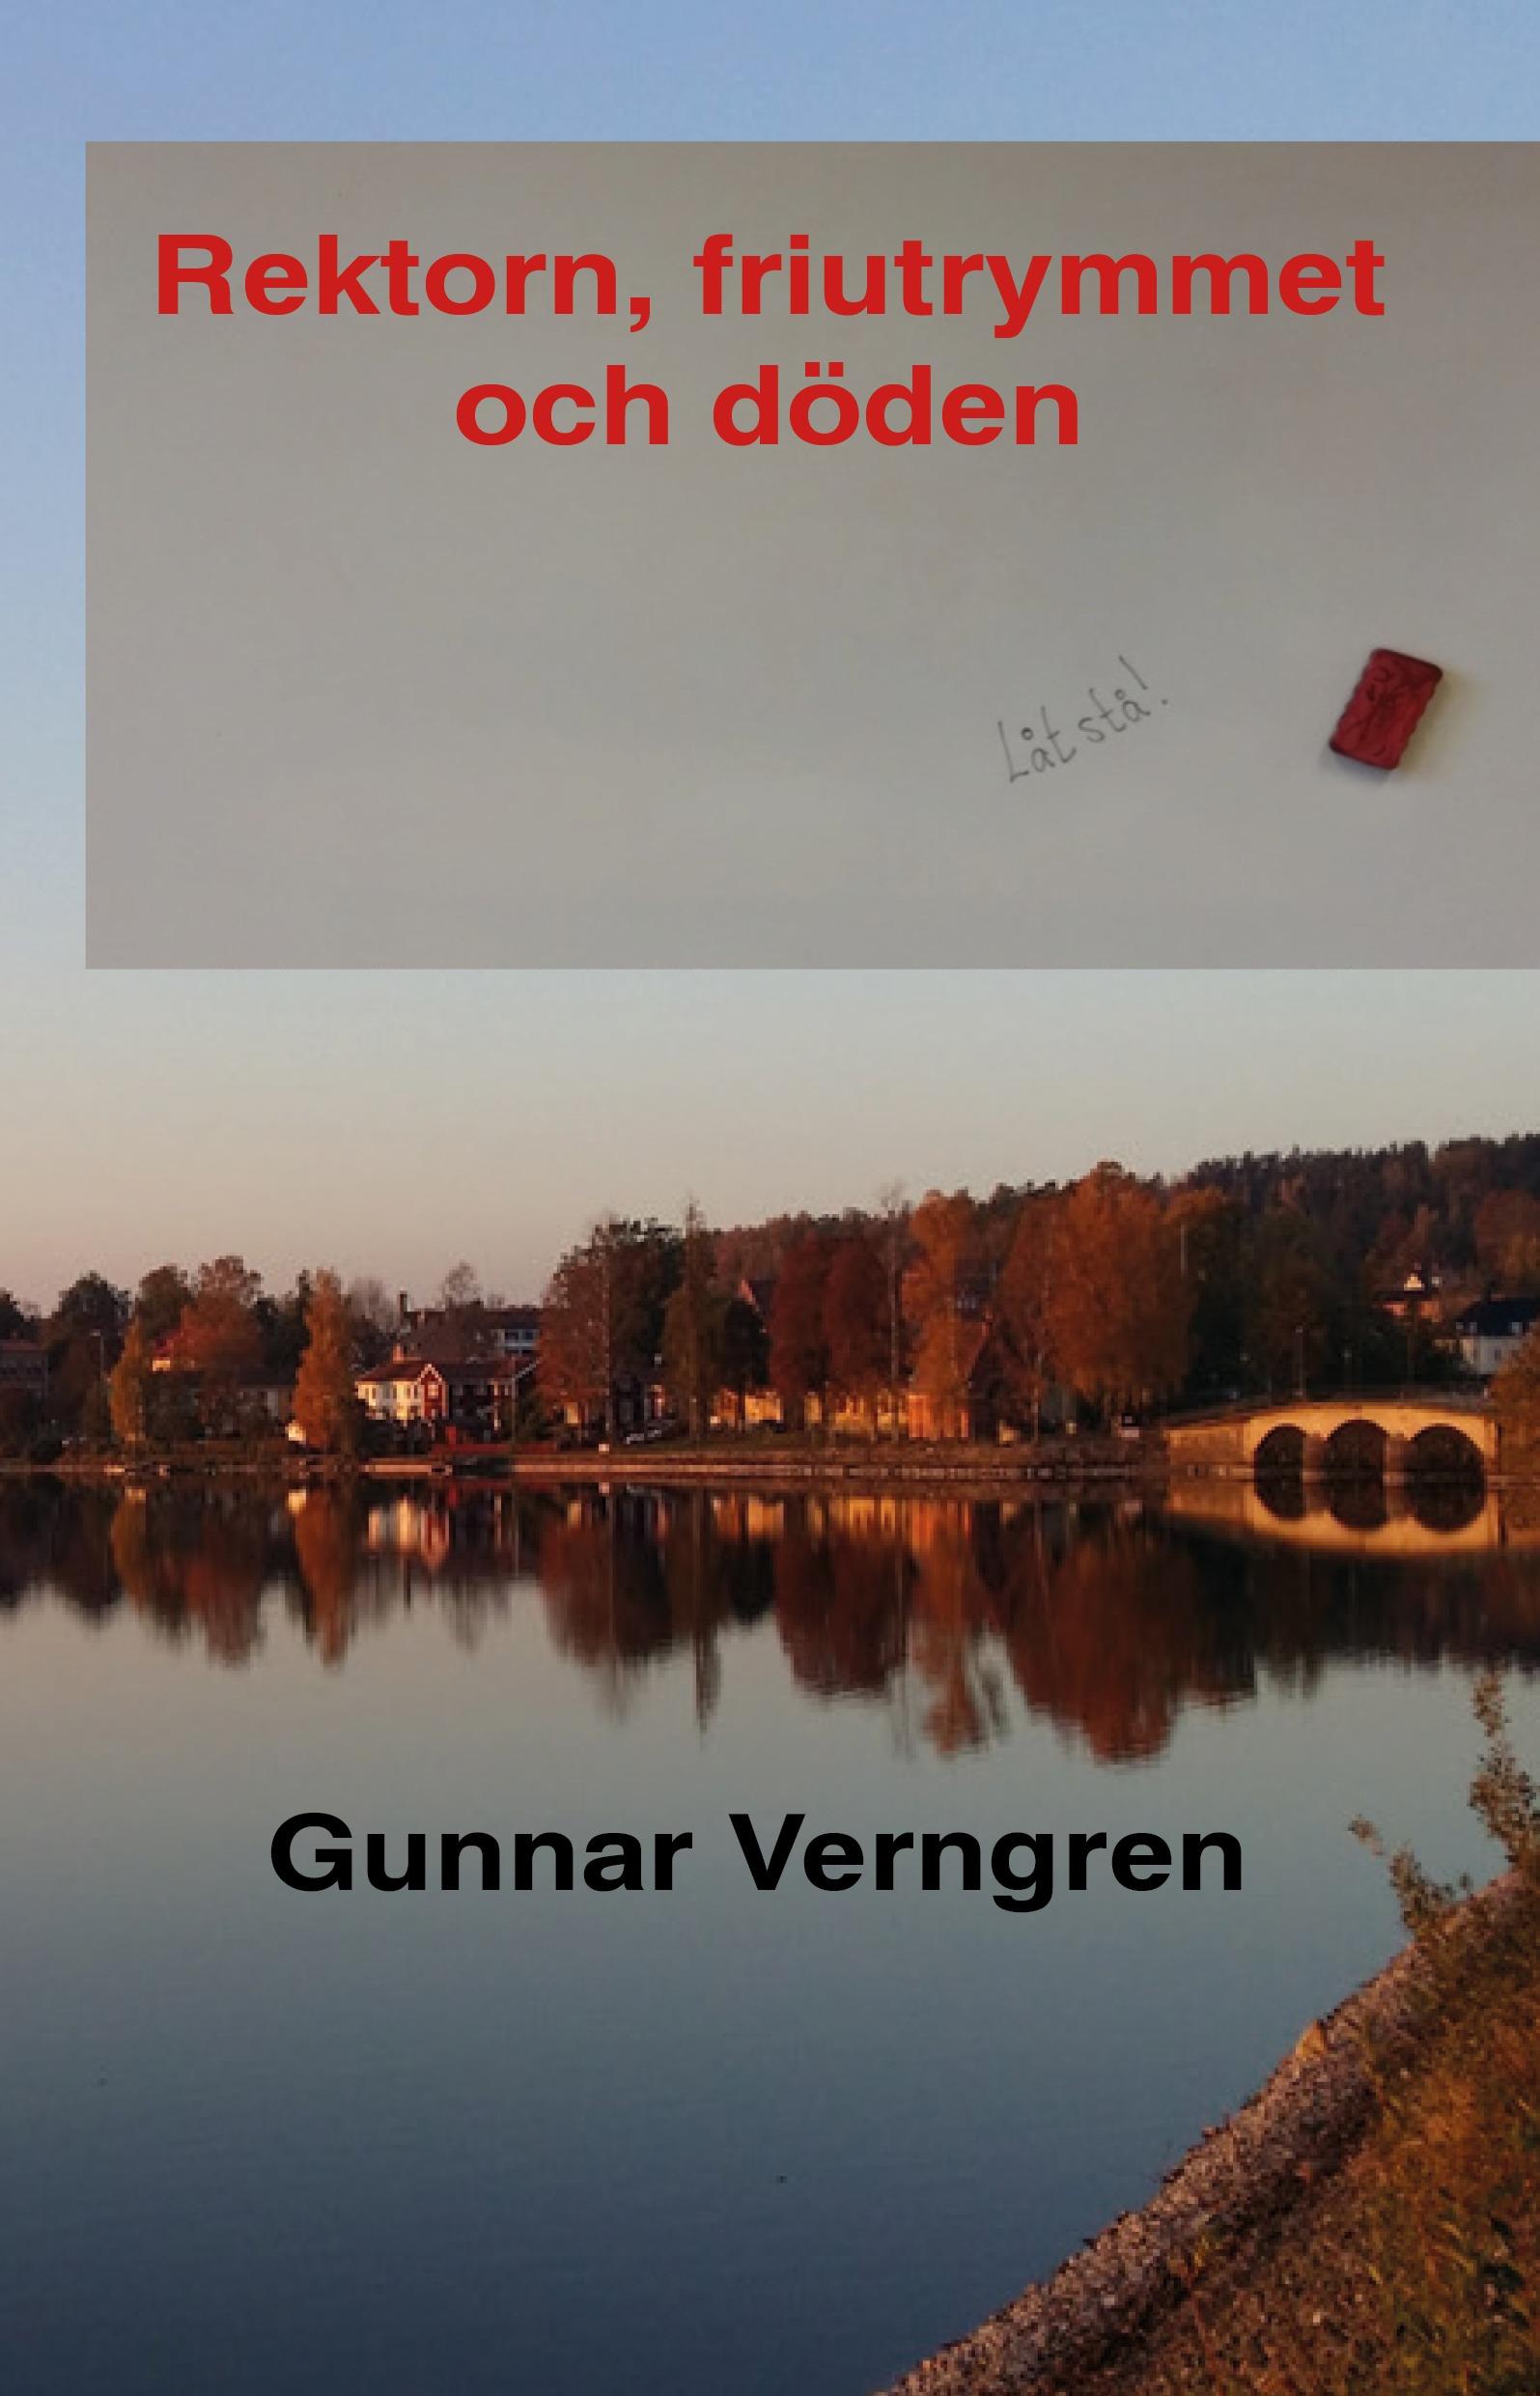 Rektorn, friutrymmet och döden av Gunnar Verngren